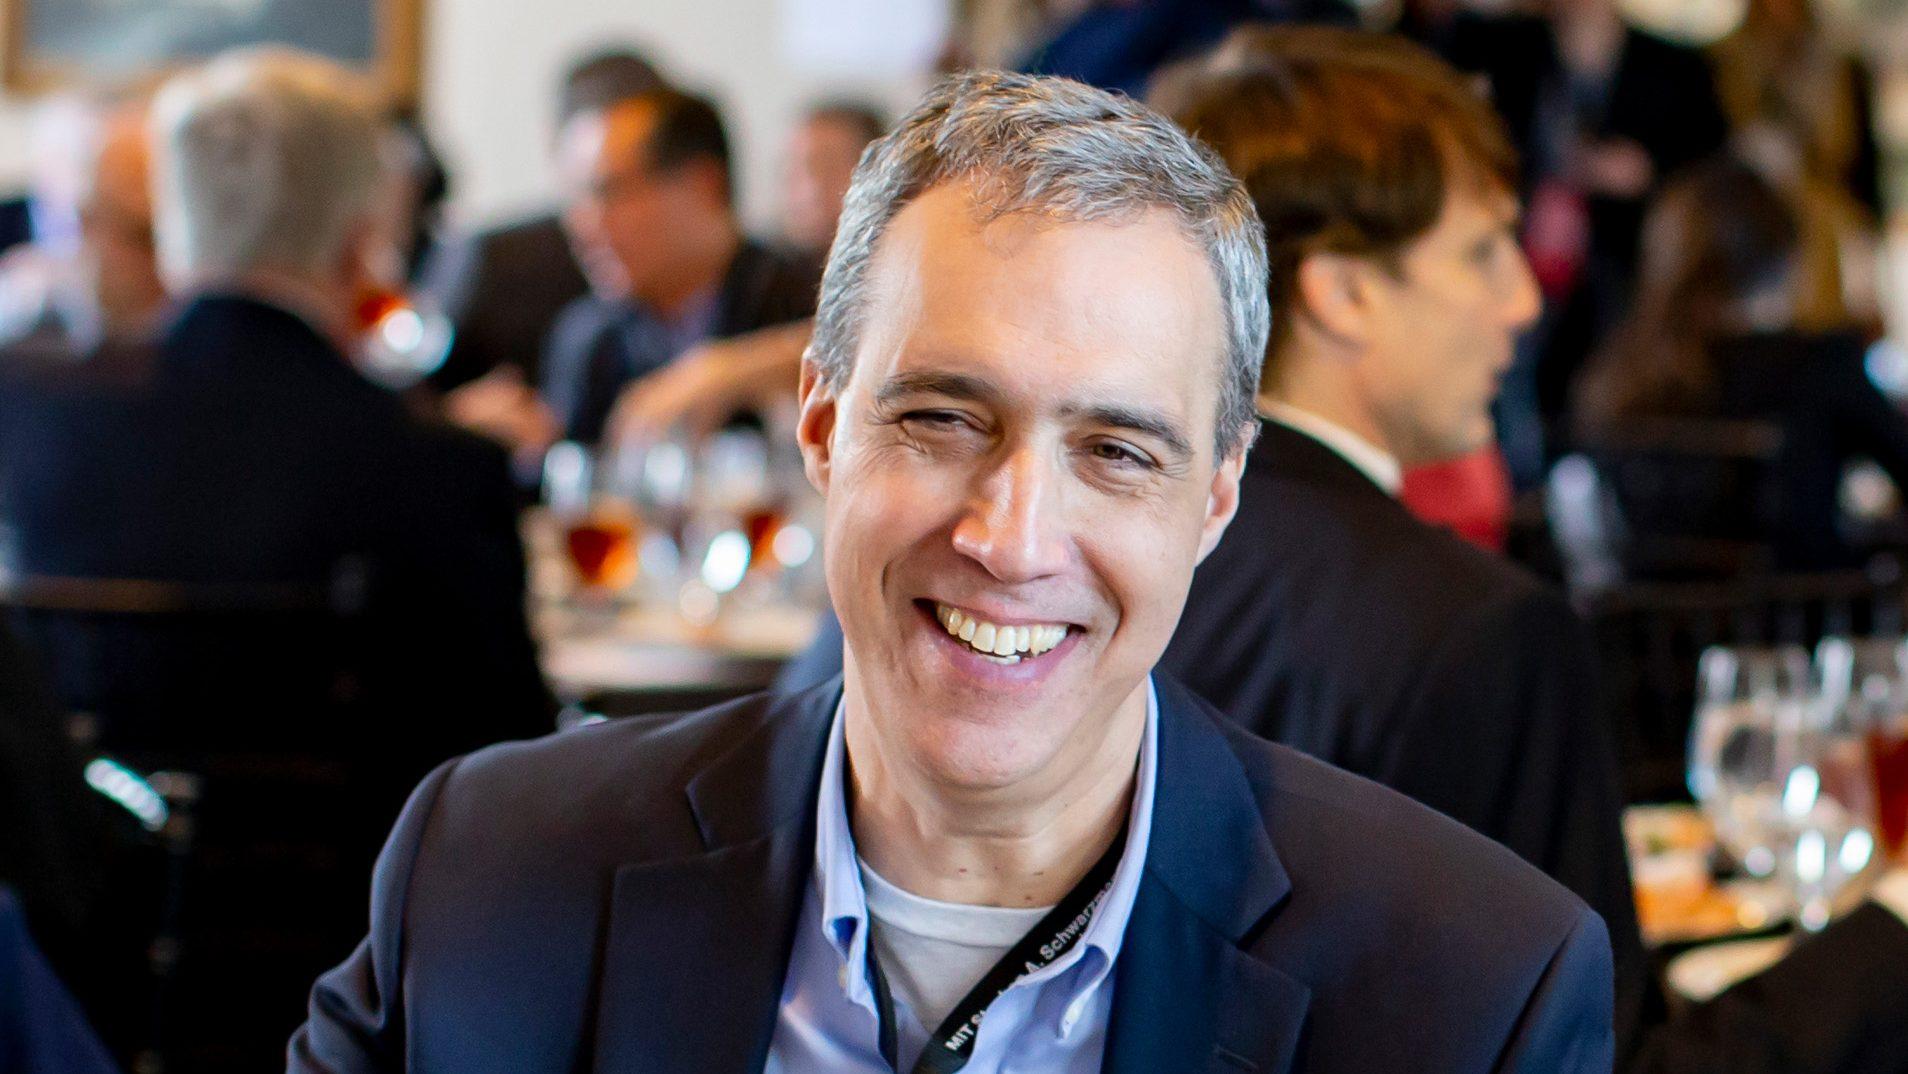 Daniel Huttenlocher, SM '84, PhD '88, is the first dean of the MIT Schwarzman College of Computing.